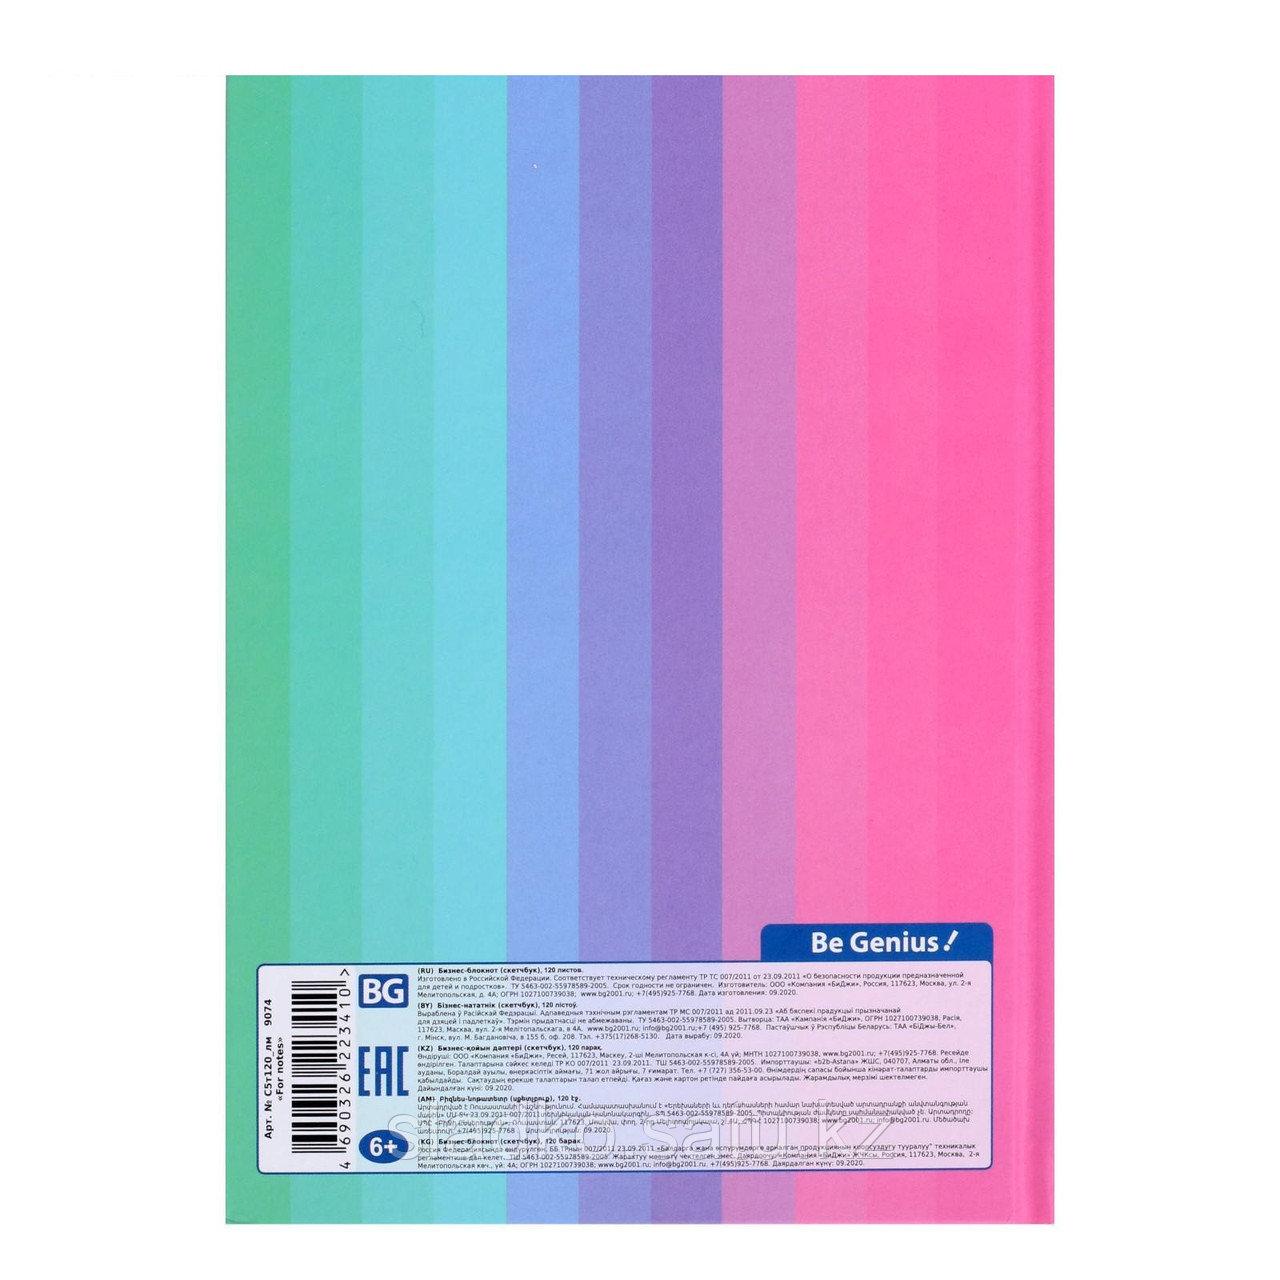 Ежедневник Скетчбук For notes твёрдая обложка А5 120 листов 21 х 15 см - фото 4